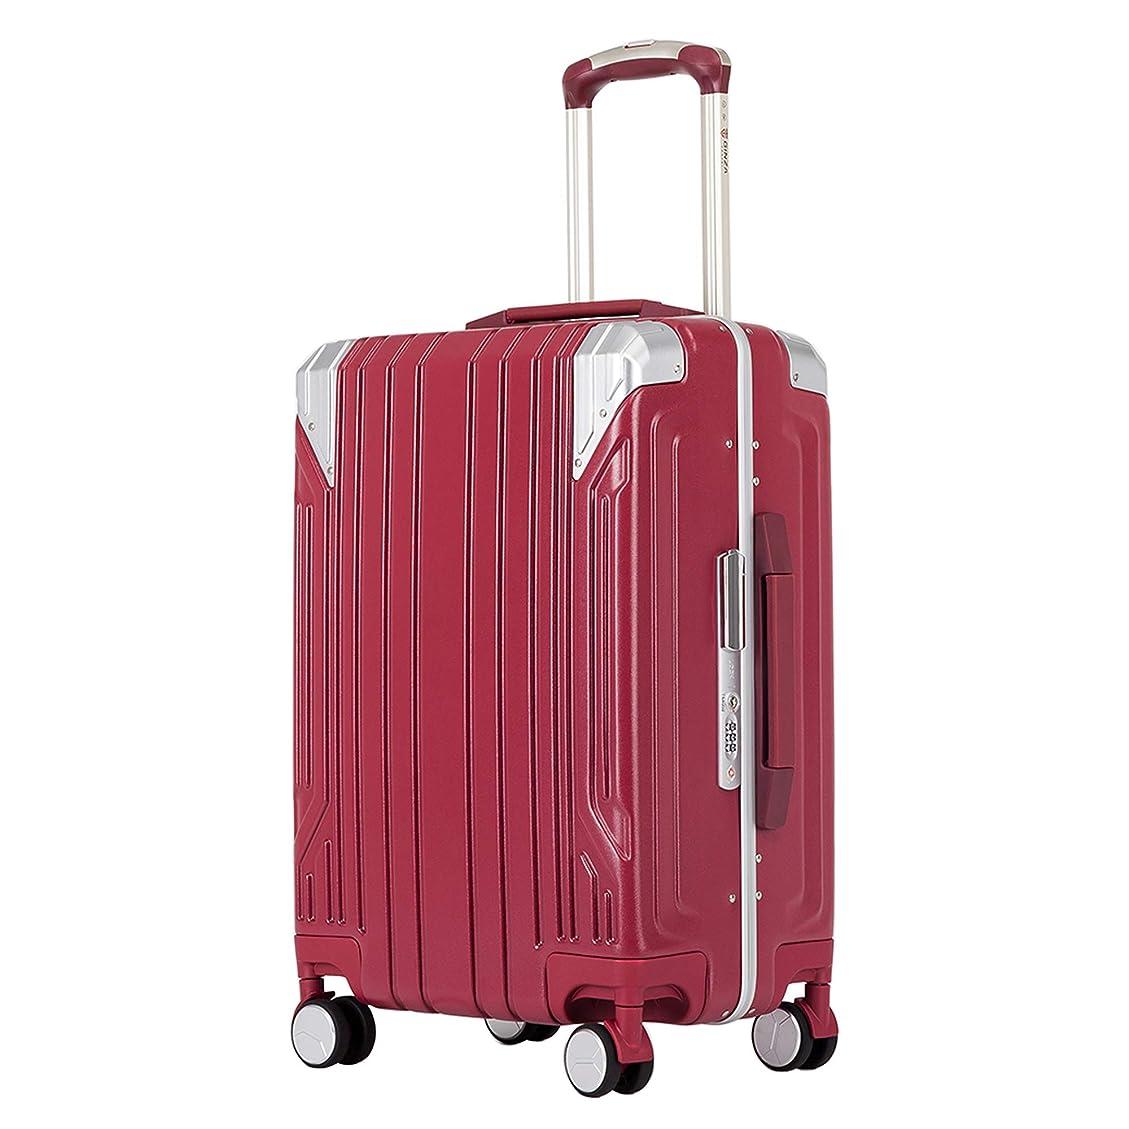 クロース(Kroeus)スーツケース キャリーケース PC100%ボディ高強度 TSAロック搭載 8輪 アルミフレーム S型機内持ち込み可 日本語取扱説明書 1年間保証付き